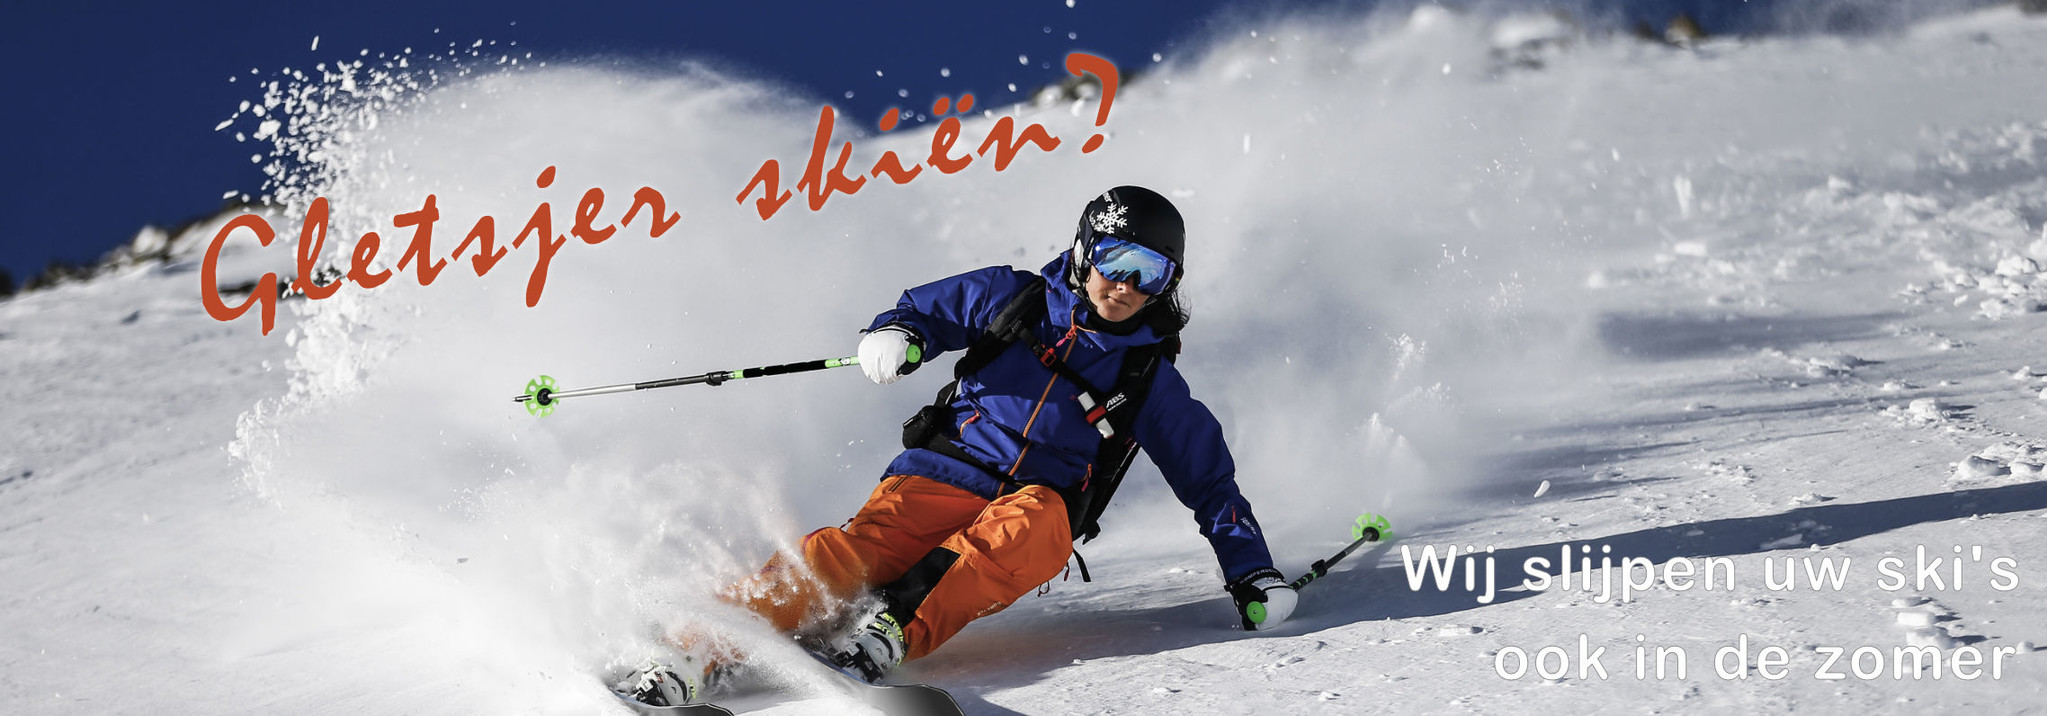 Gletsjer skiën? Wij slijpen uw ski's ook in de zomer